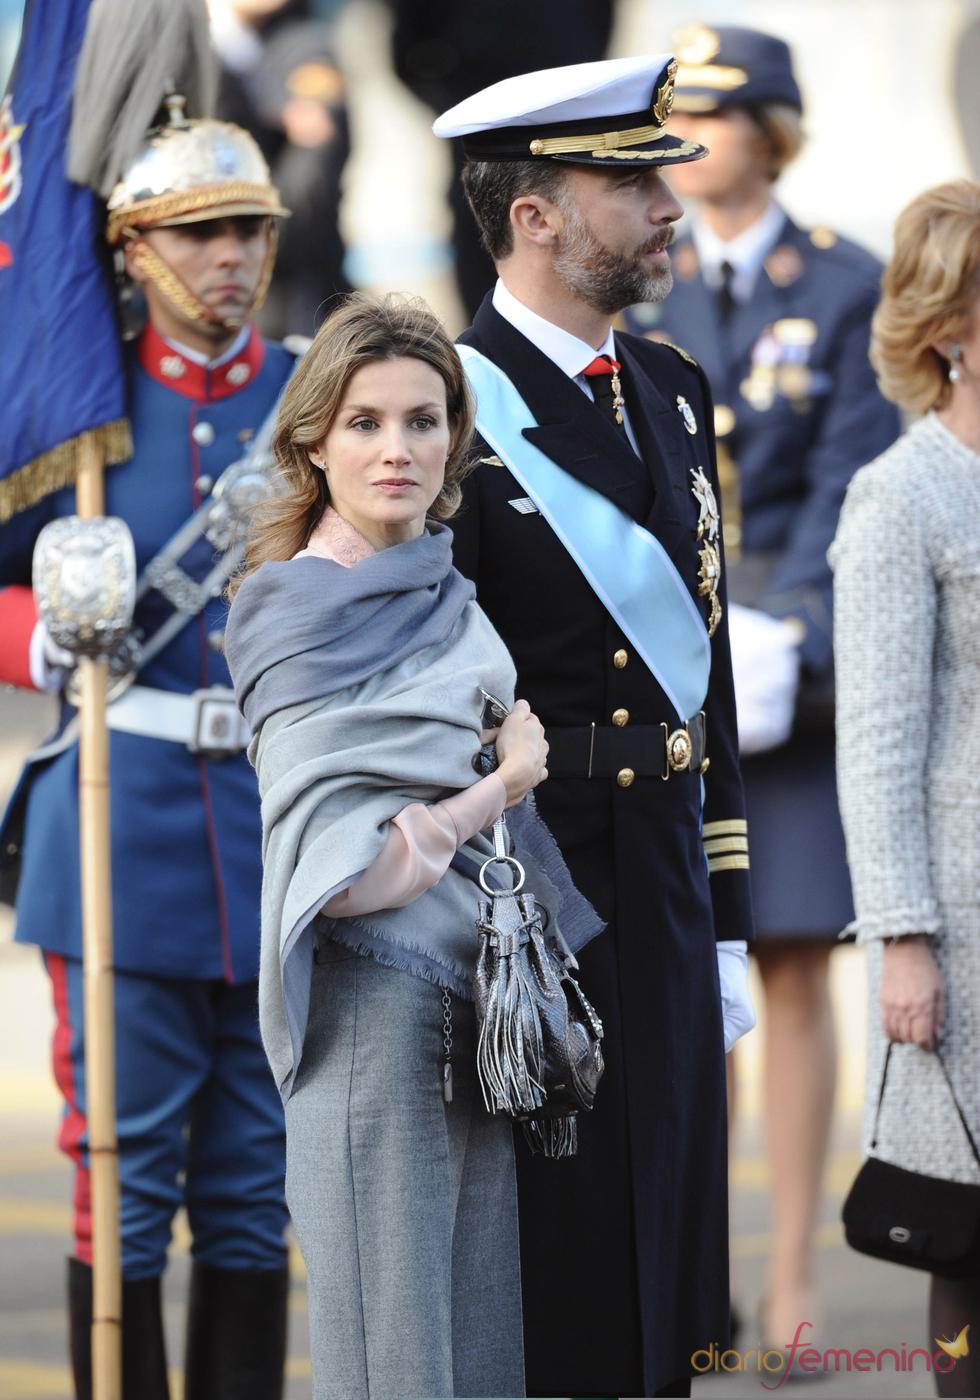 Letizia Ortiz muy sencilla en el desfile de las Fuerzas Armadas